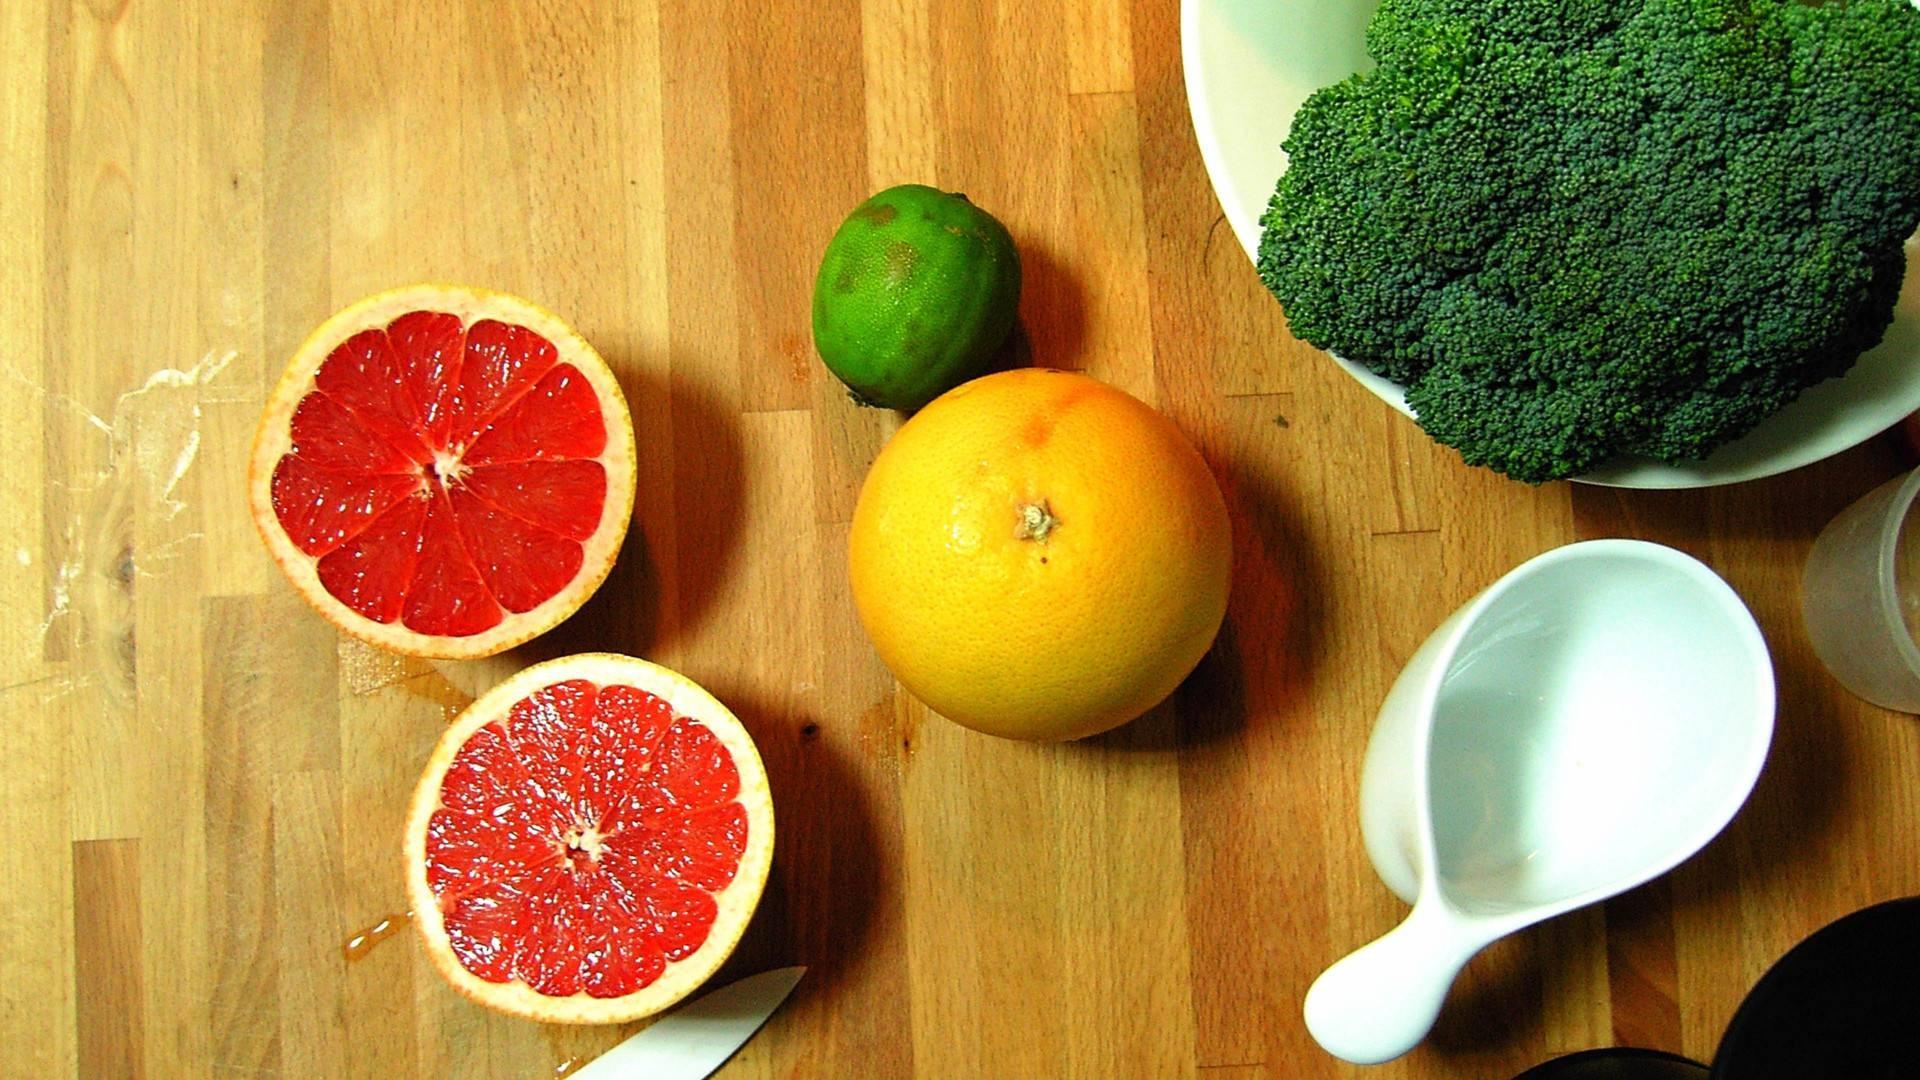 【讨论】大家每天都买些什么水果吃啊?除了西瓜之外咧!